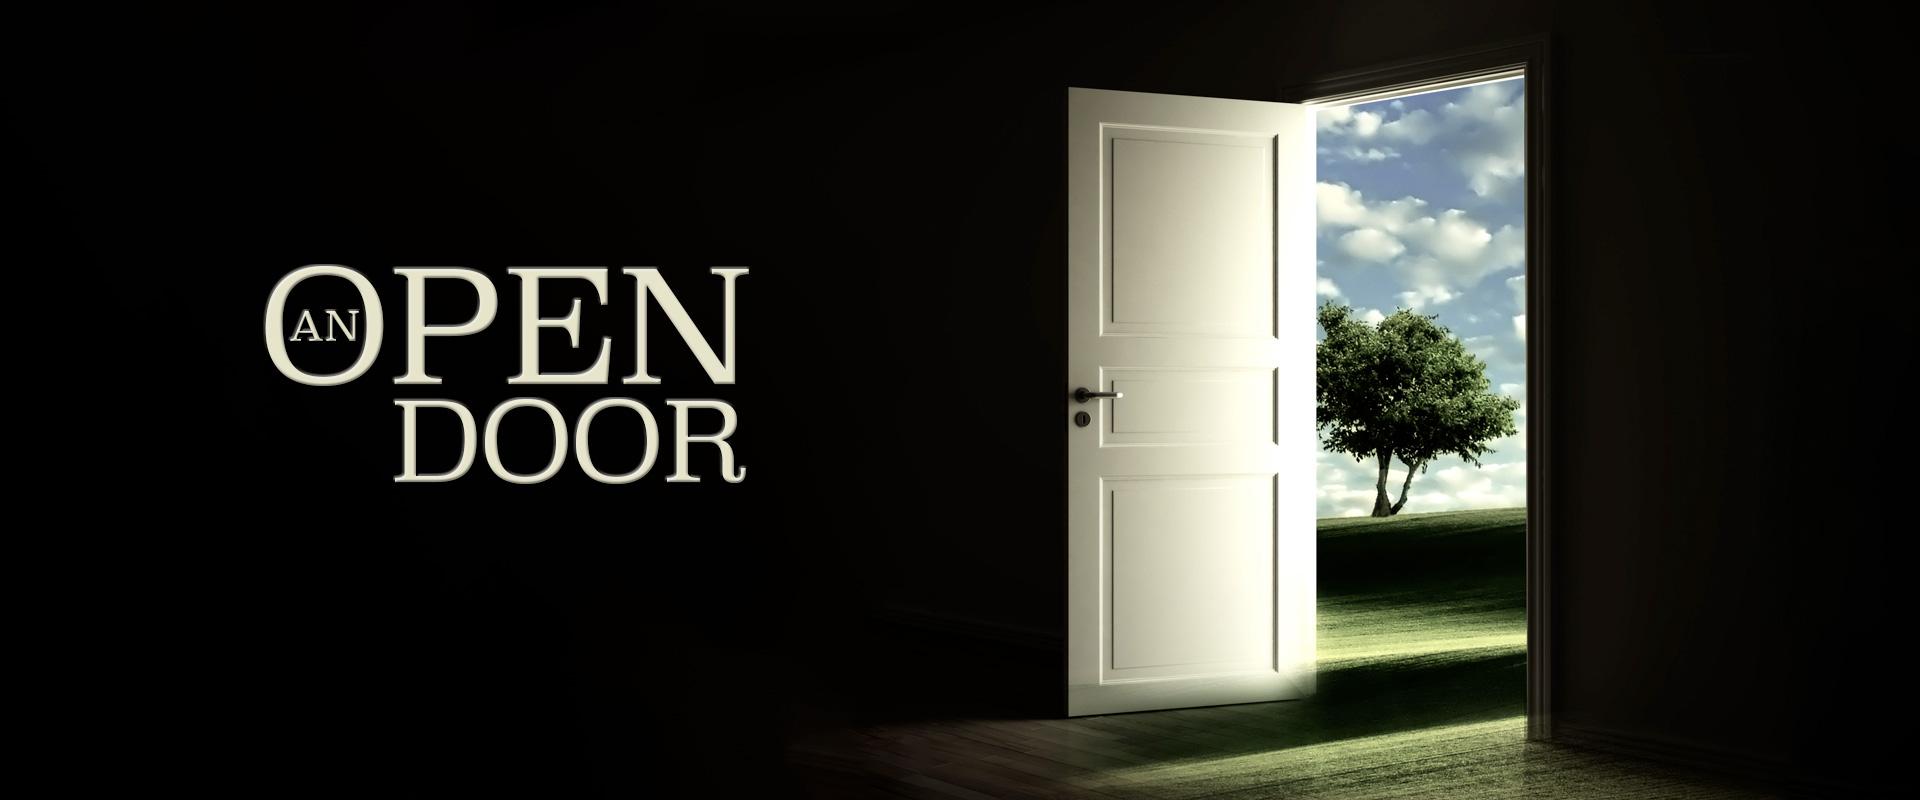 An open door for 0pen door